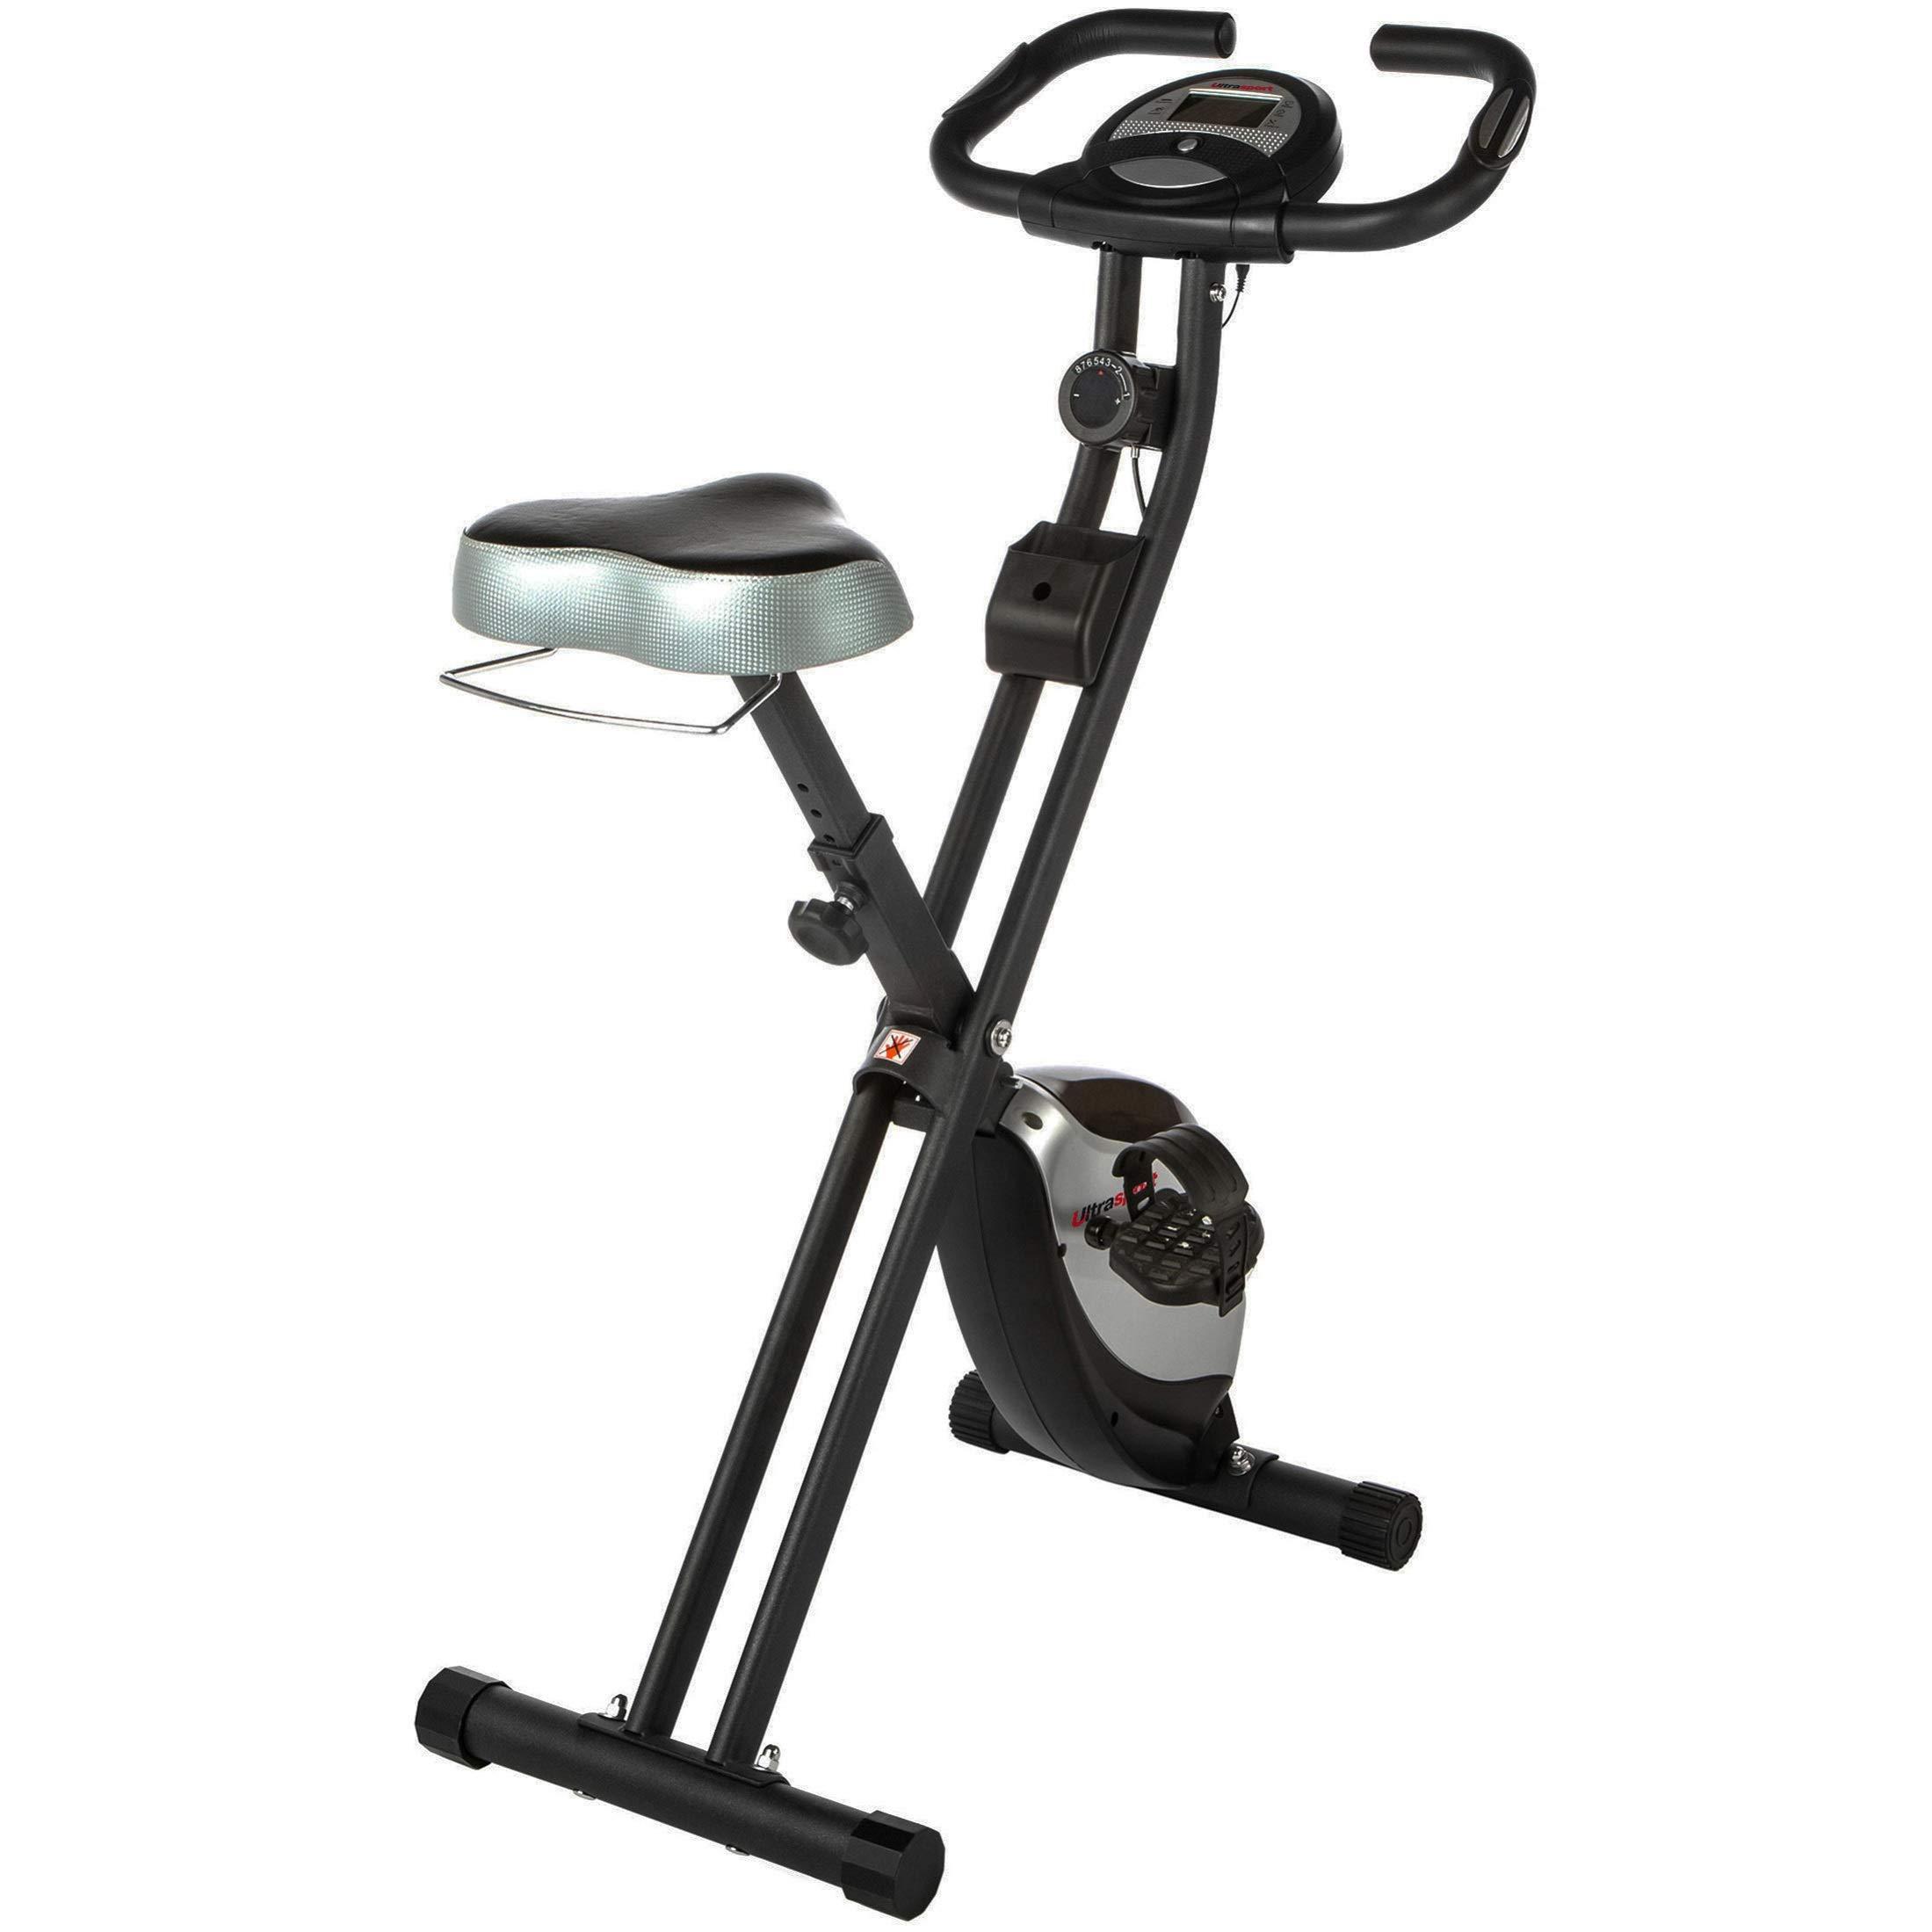 Ultrasport F-Bike Heavy Bicicleta estática de fitness, aparato doméstico, con consola y